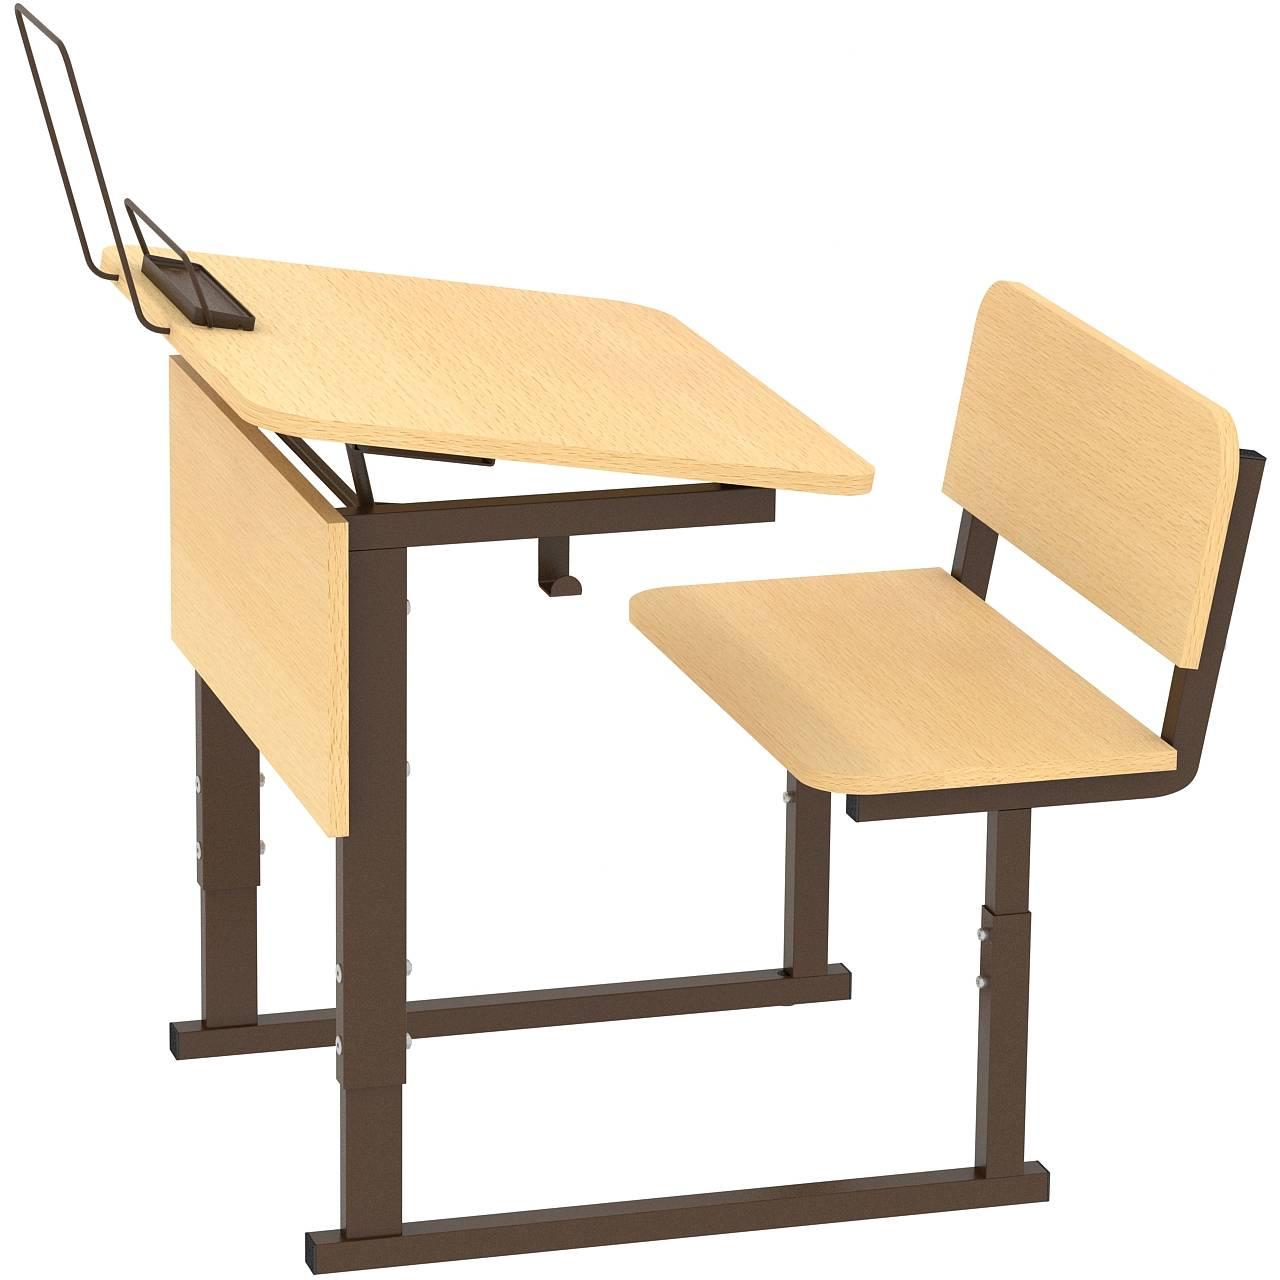 Парта ученическая 1-местная регулируемая по высоте и наклону столешницы 0-10° 2-4, 4-6 гр.